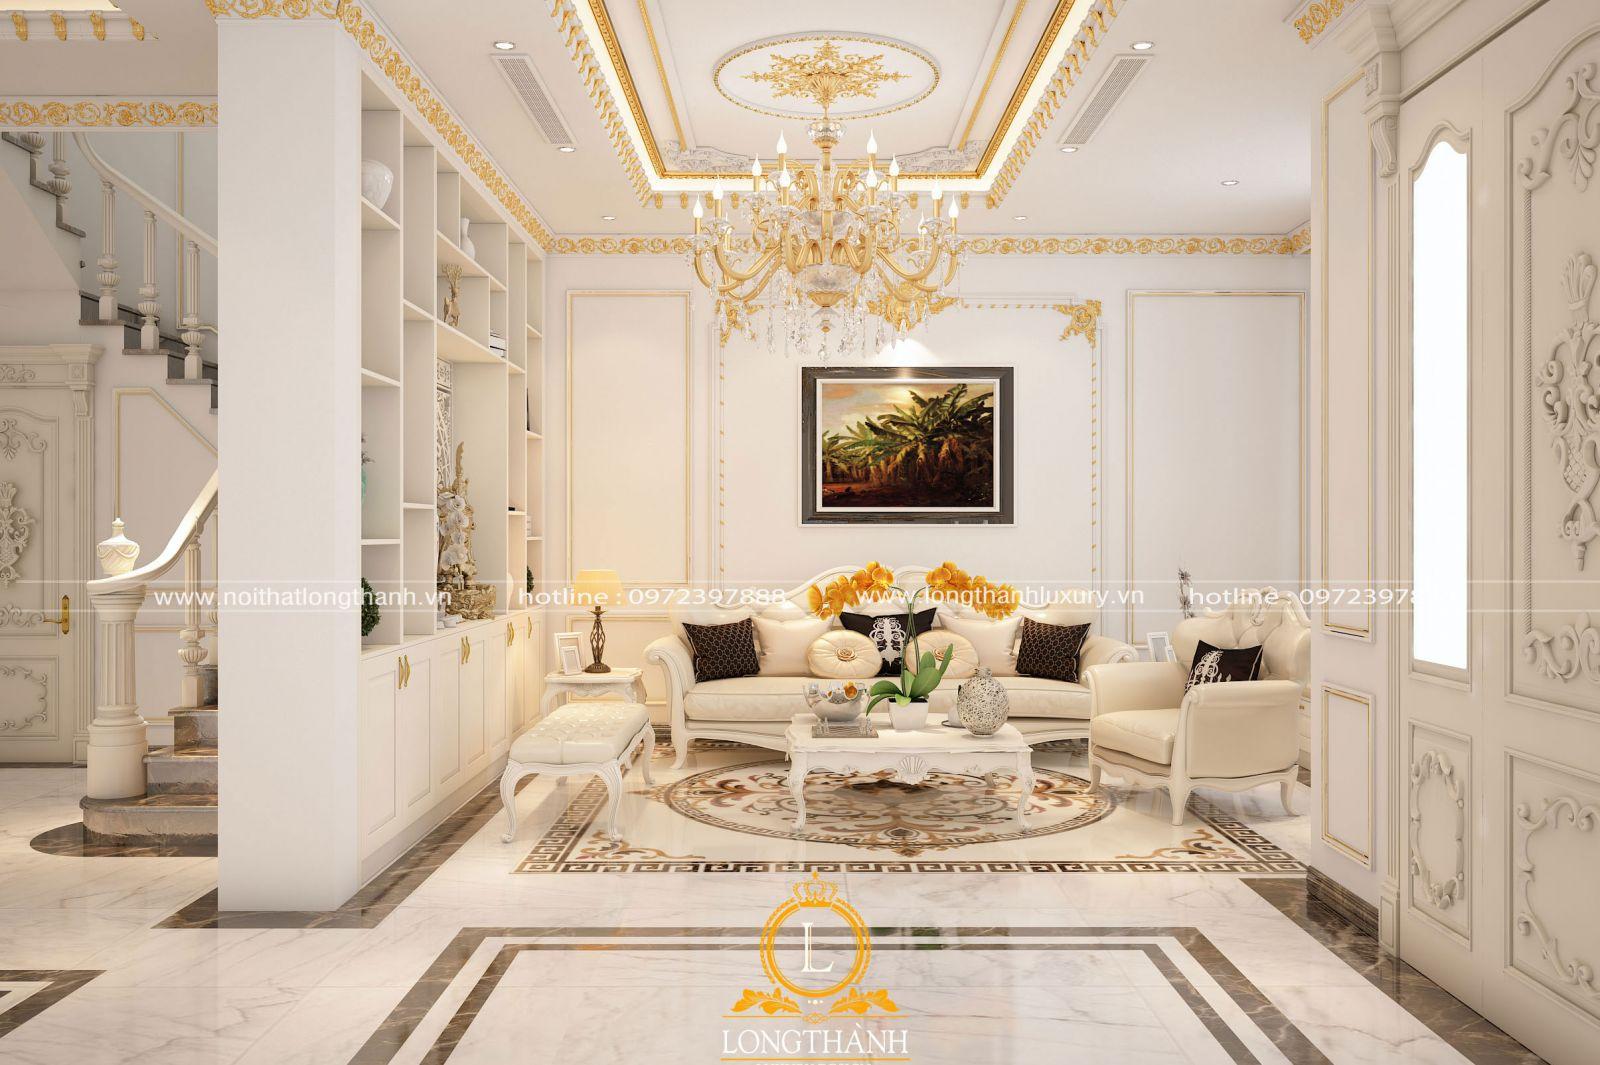 Cách bài trí tranh treo tạo điểm nhấn ấn tượng cho phòng khách tân cổ điển màu trắng